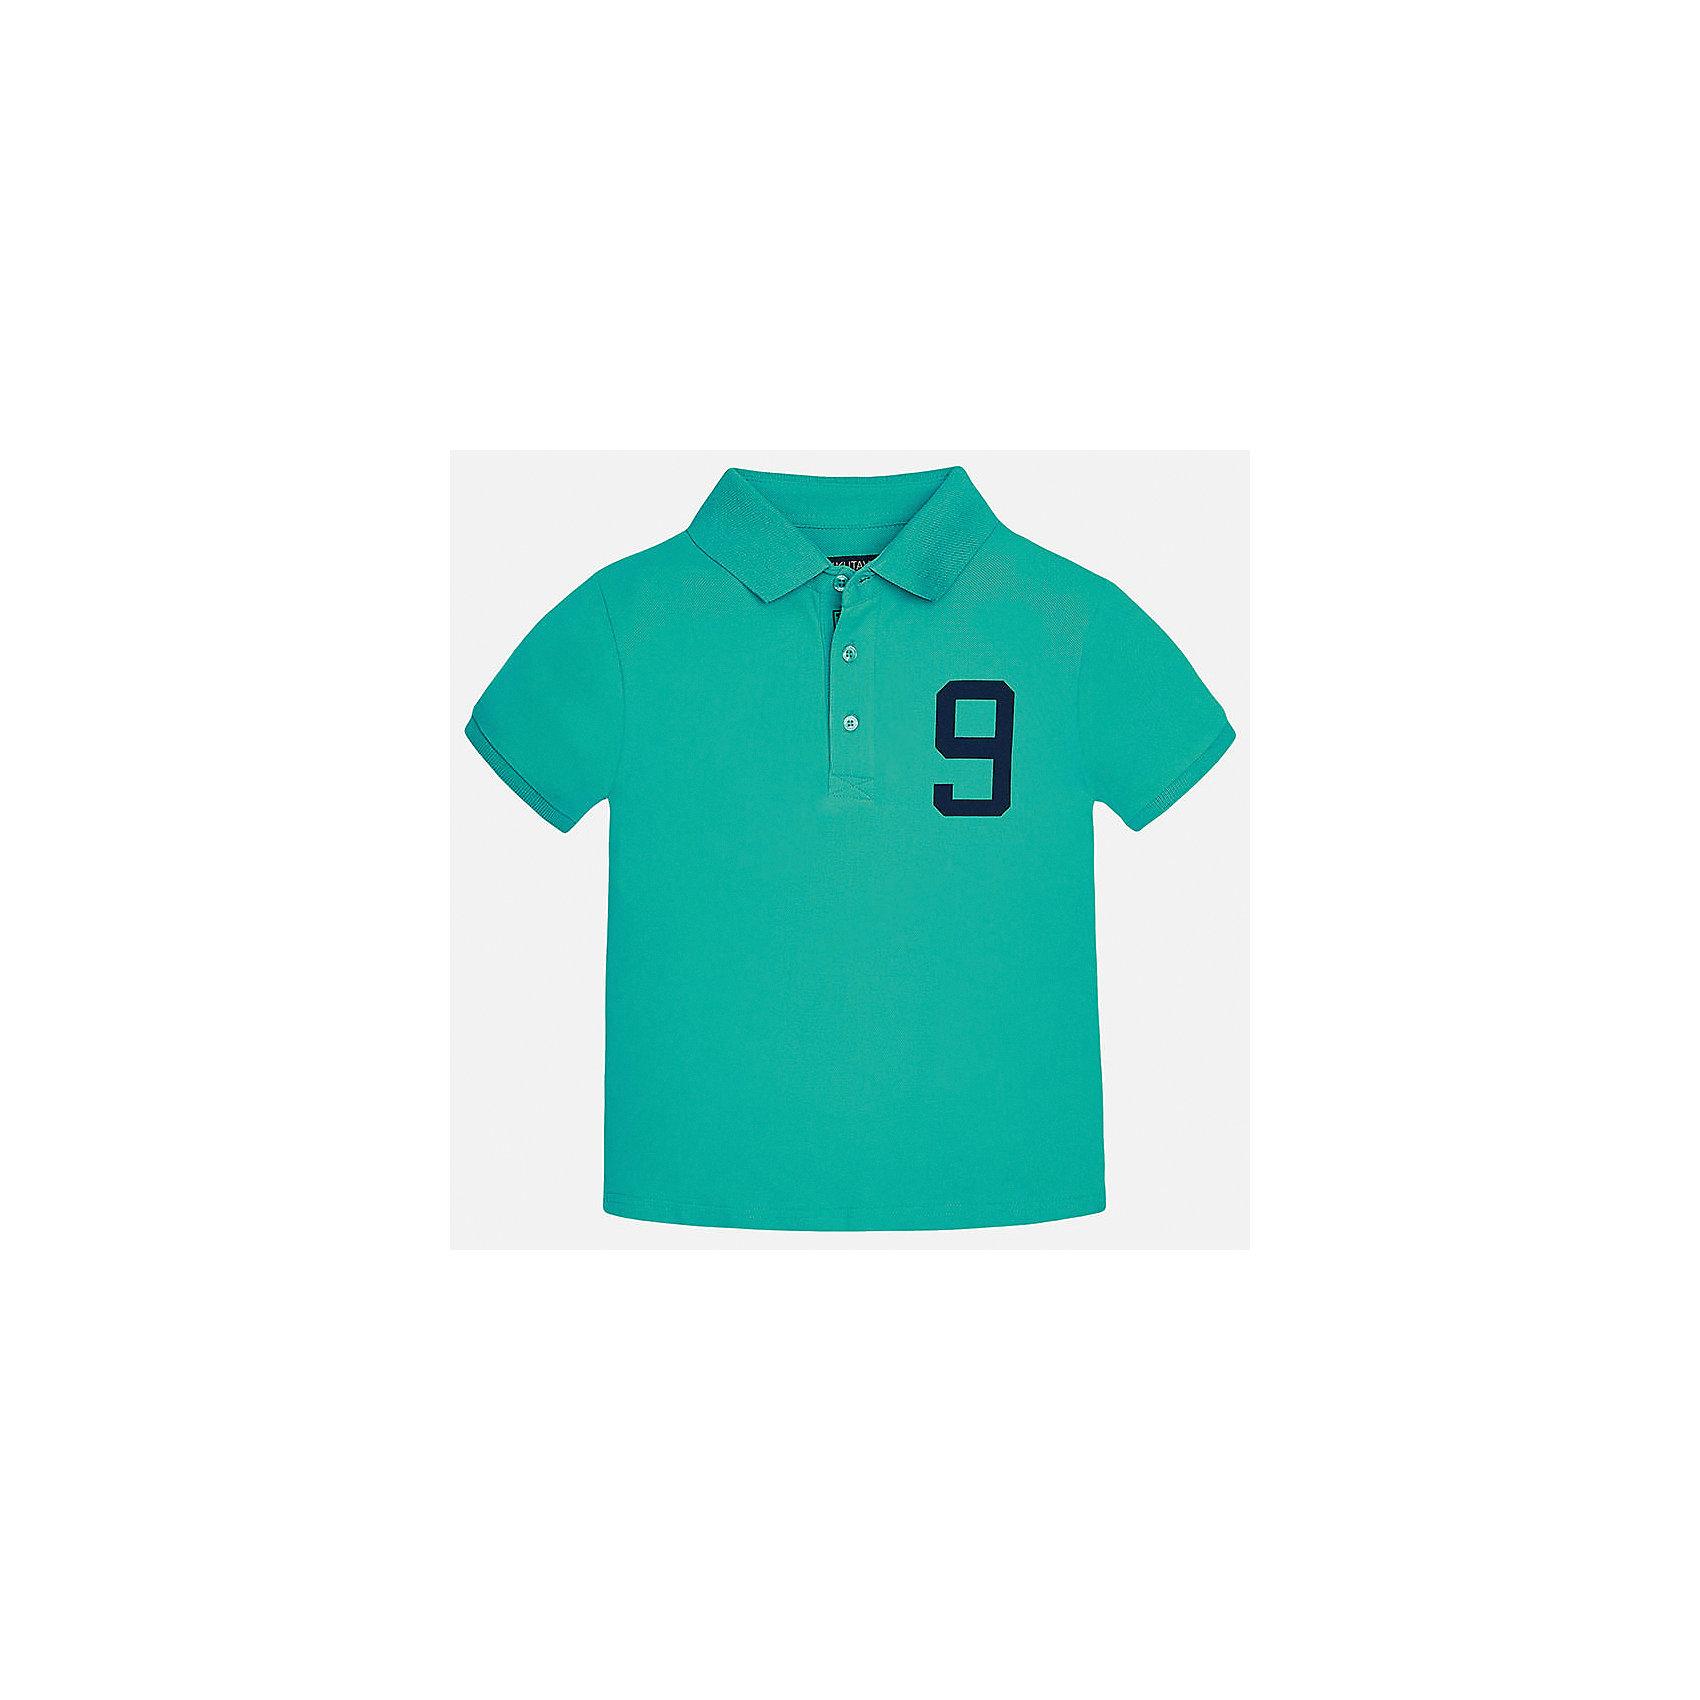 Футболка-поло для мальчика MayoralХарактеристики товара:<br><br>• цвет: зеленый<br>• состав: 95% хлопок, 5% эластан<br>• отложной воротник<br>• декорирована принтом<br>• короткие рукава<br>• застежки: пуговицы<br>• страна бренда: Испания<br><br>Модная футболка-поло поможет разнообразить гардероб мальчика. Она отлично сочетается с брюками, шортами, джинсами. Универсальный крой и цвет позволяет подобрать к вещи низ разных расцветок. Практичное и стильное изделие! Хорошо смотрится и комфортно сидит на детях. В составе материала - только натуральный хлопок, гипоаллергенный, приятный на ощупь, дышащий.<br><br>Одежда, обувь и аксессуары от испанского бренда Mayoral полюбились детям и взрослым по всему миру. Модели этой марки - стильные и удобные. Для их производства используются только безопасные, качественные материалы и фурнитура. Порадуйте ребенка модными и красивыми вещами от Mayoral! <br><br>Футболку-поло для мальчика от испанского бренда Mayoral (Майорал) можно купить в нашем интернет-магазине.<br><br>Ширина мм: 199<br>Глубина мм: 10<br>Высота мм: 161<br>Вес г: 151<br>Цвет: зеленый<br>Возраст от месяцев: 96<br>Возраст до месяцев: 108<br>Пол: Мужской<br>Возраст: Детский<br>Размер: 140,128/134,158,164,170,152<br>SKU: 5281547